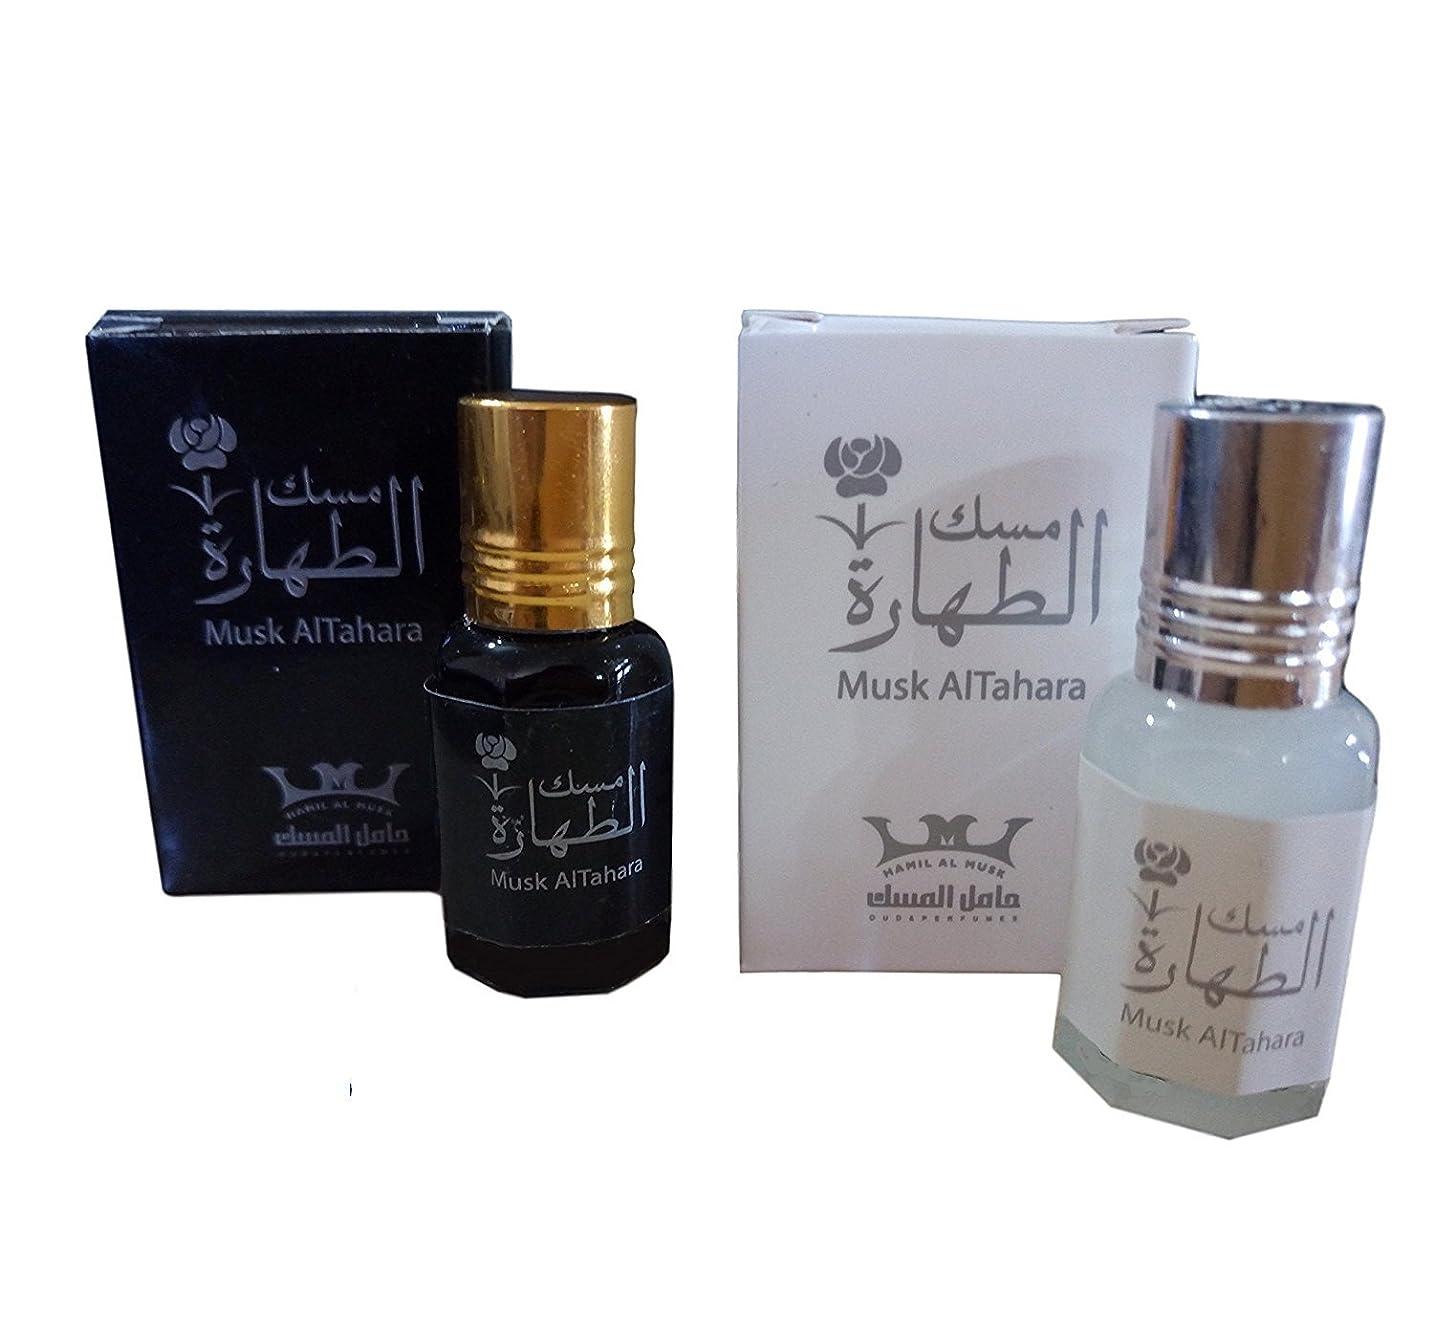 驚和らげる乳白Women Musk Al tahara Pure Saudi Altahara Perfume White & Black 10 ml Alcohol Free